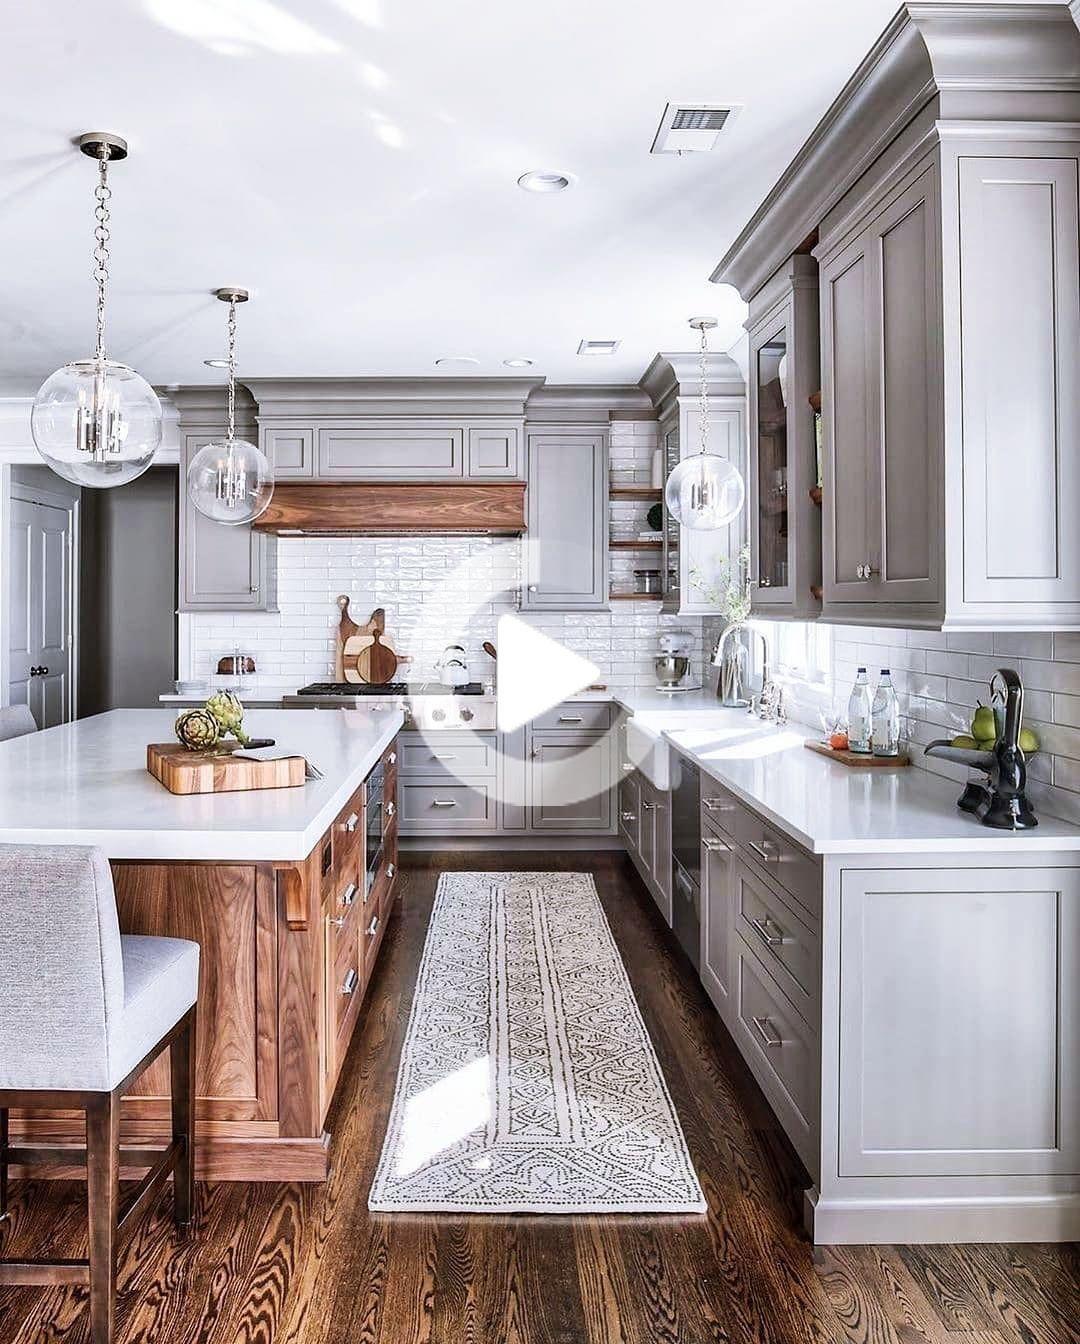 #home #homedesign #house #housedesign #homedecor #housedecor #homeinterior #house interior #kitchendesign #kitchendecor #kitchen #kitchenideas #mutfak #mutfakdekorasyon